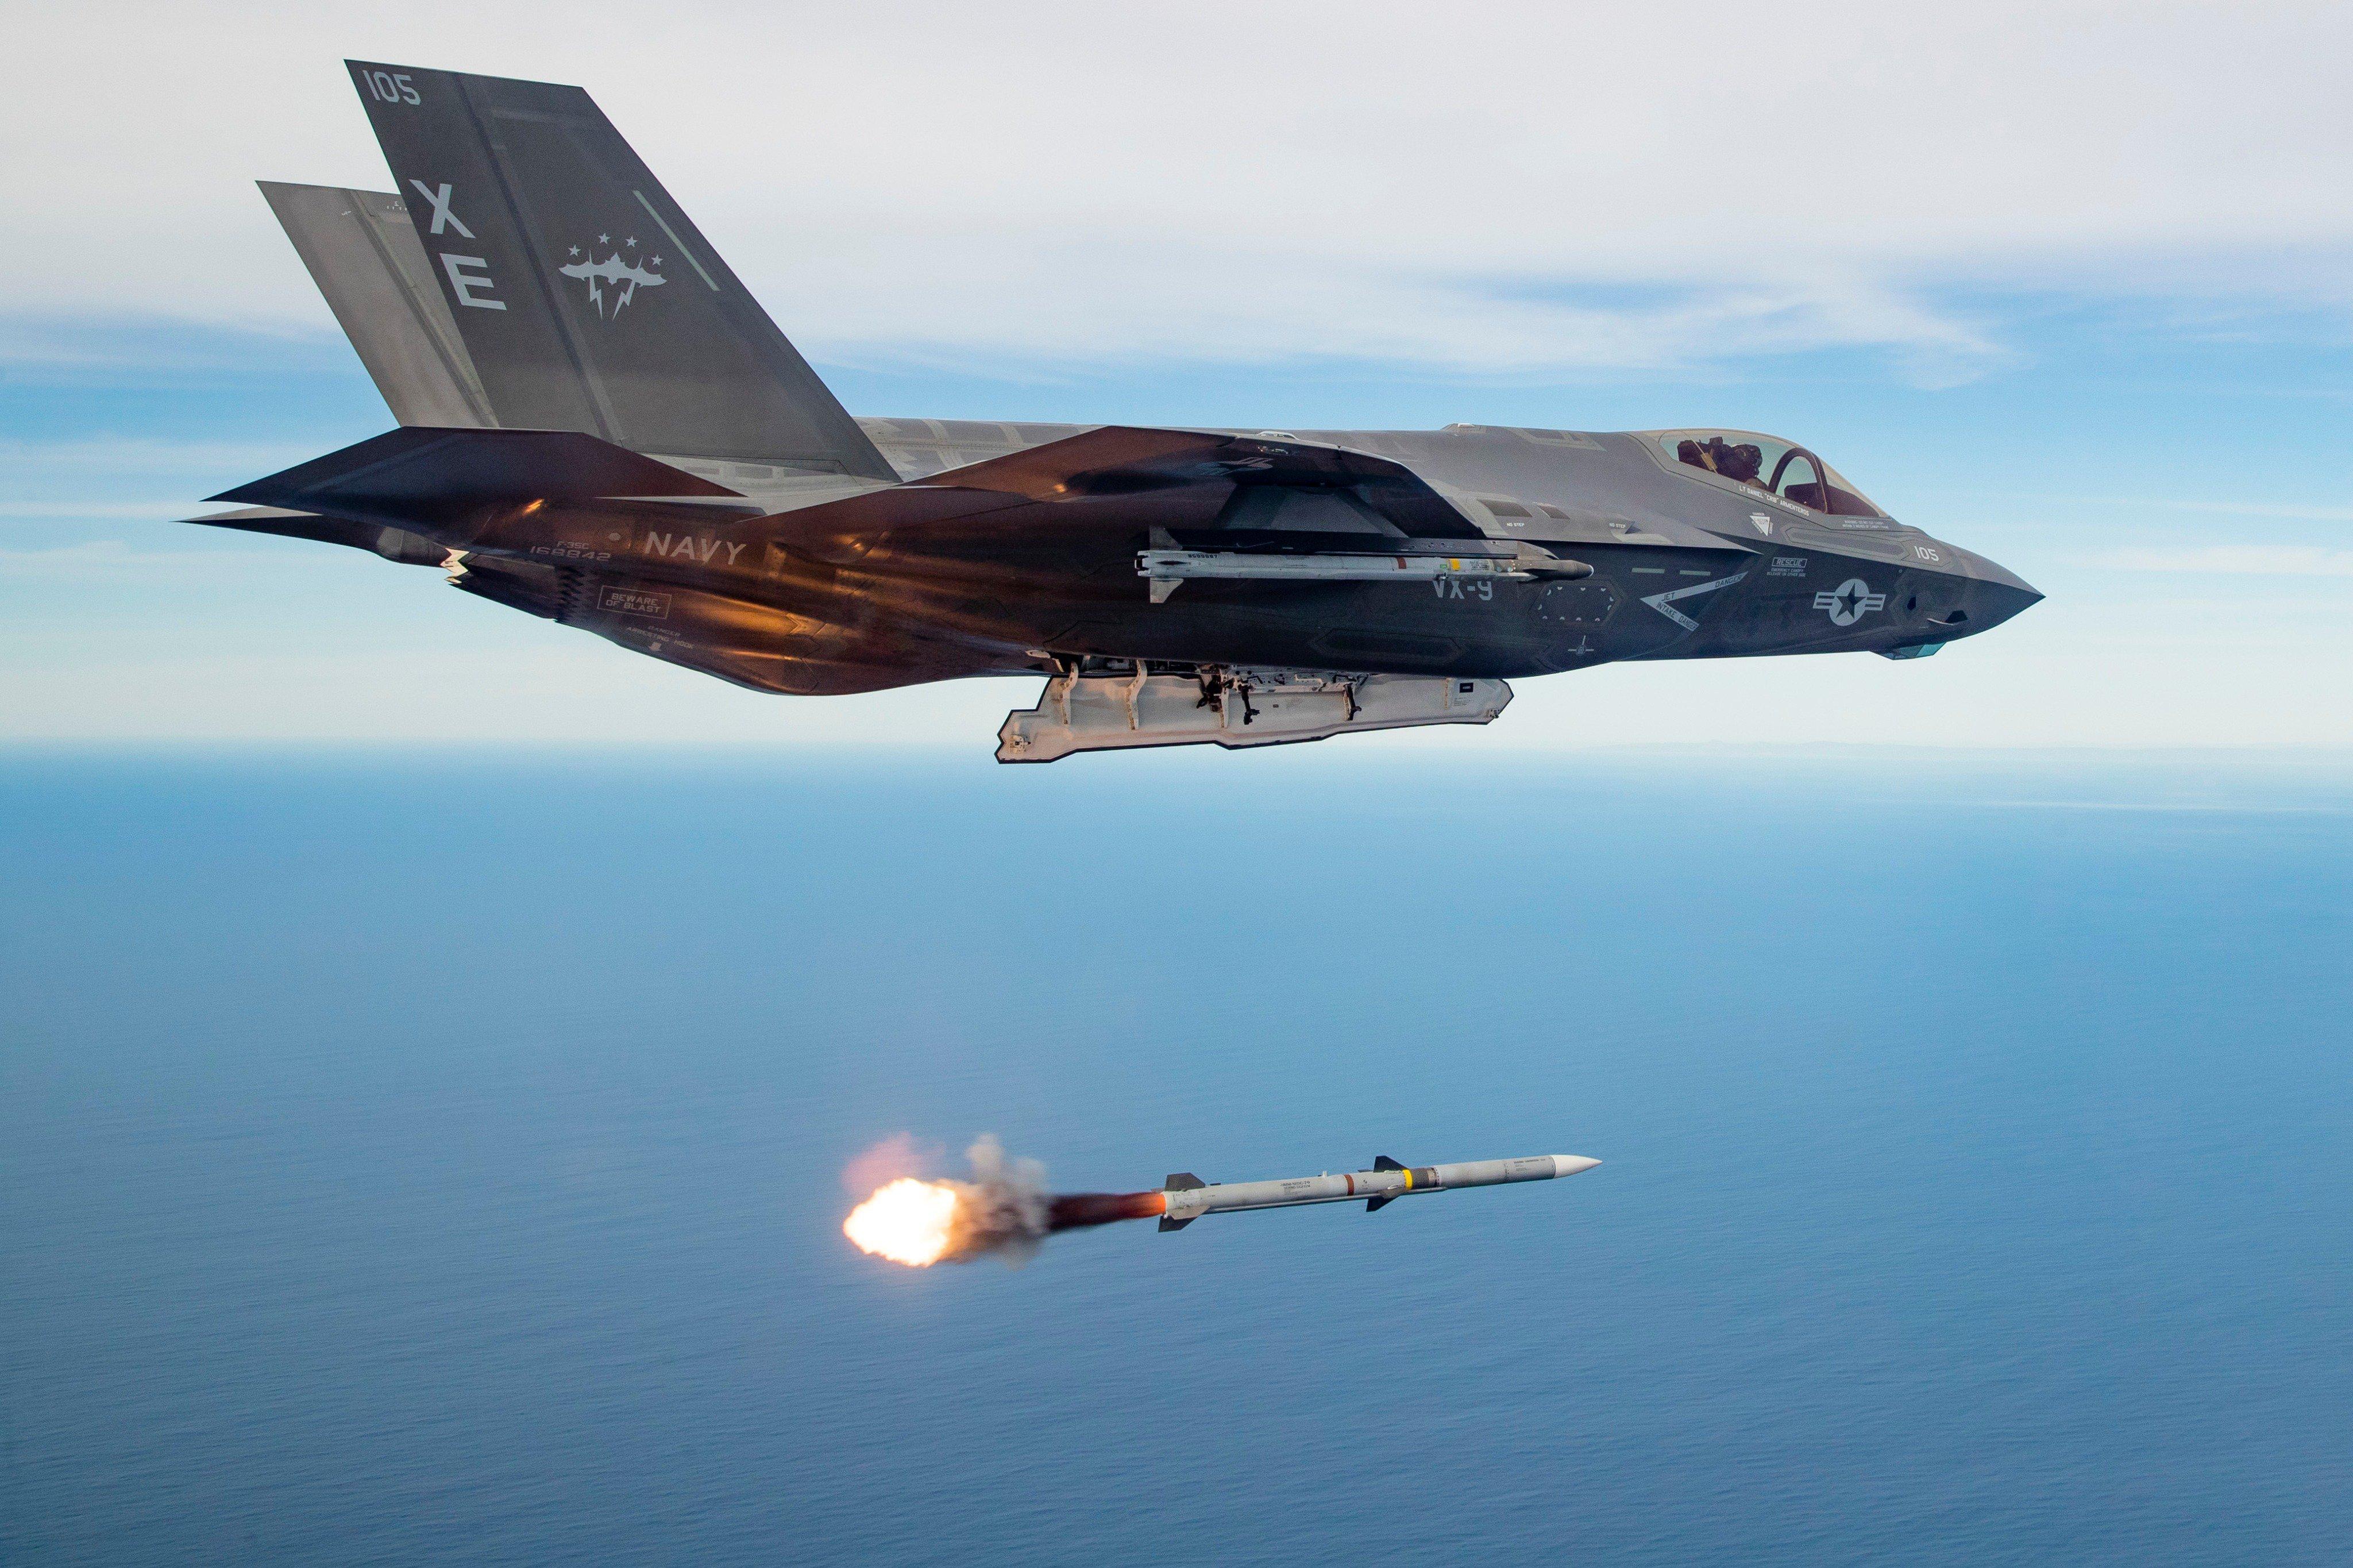 F-35C firing an AIM-120 missile